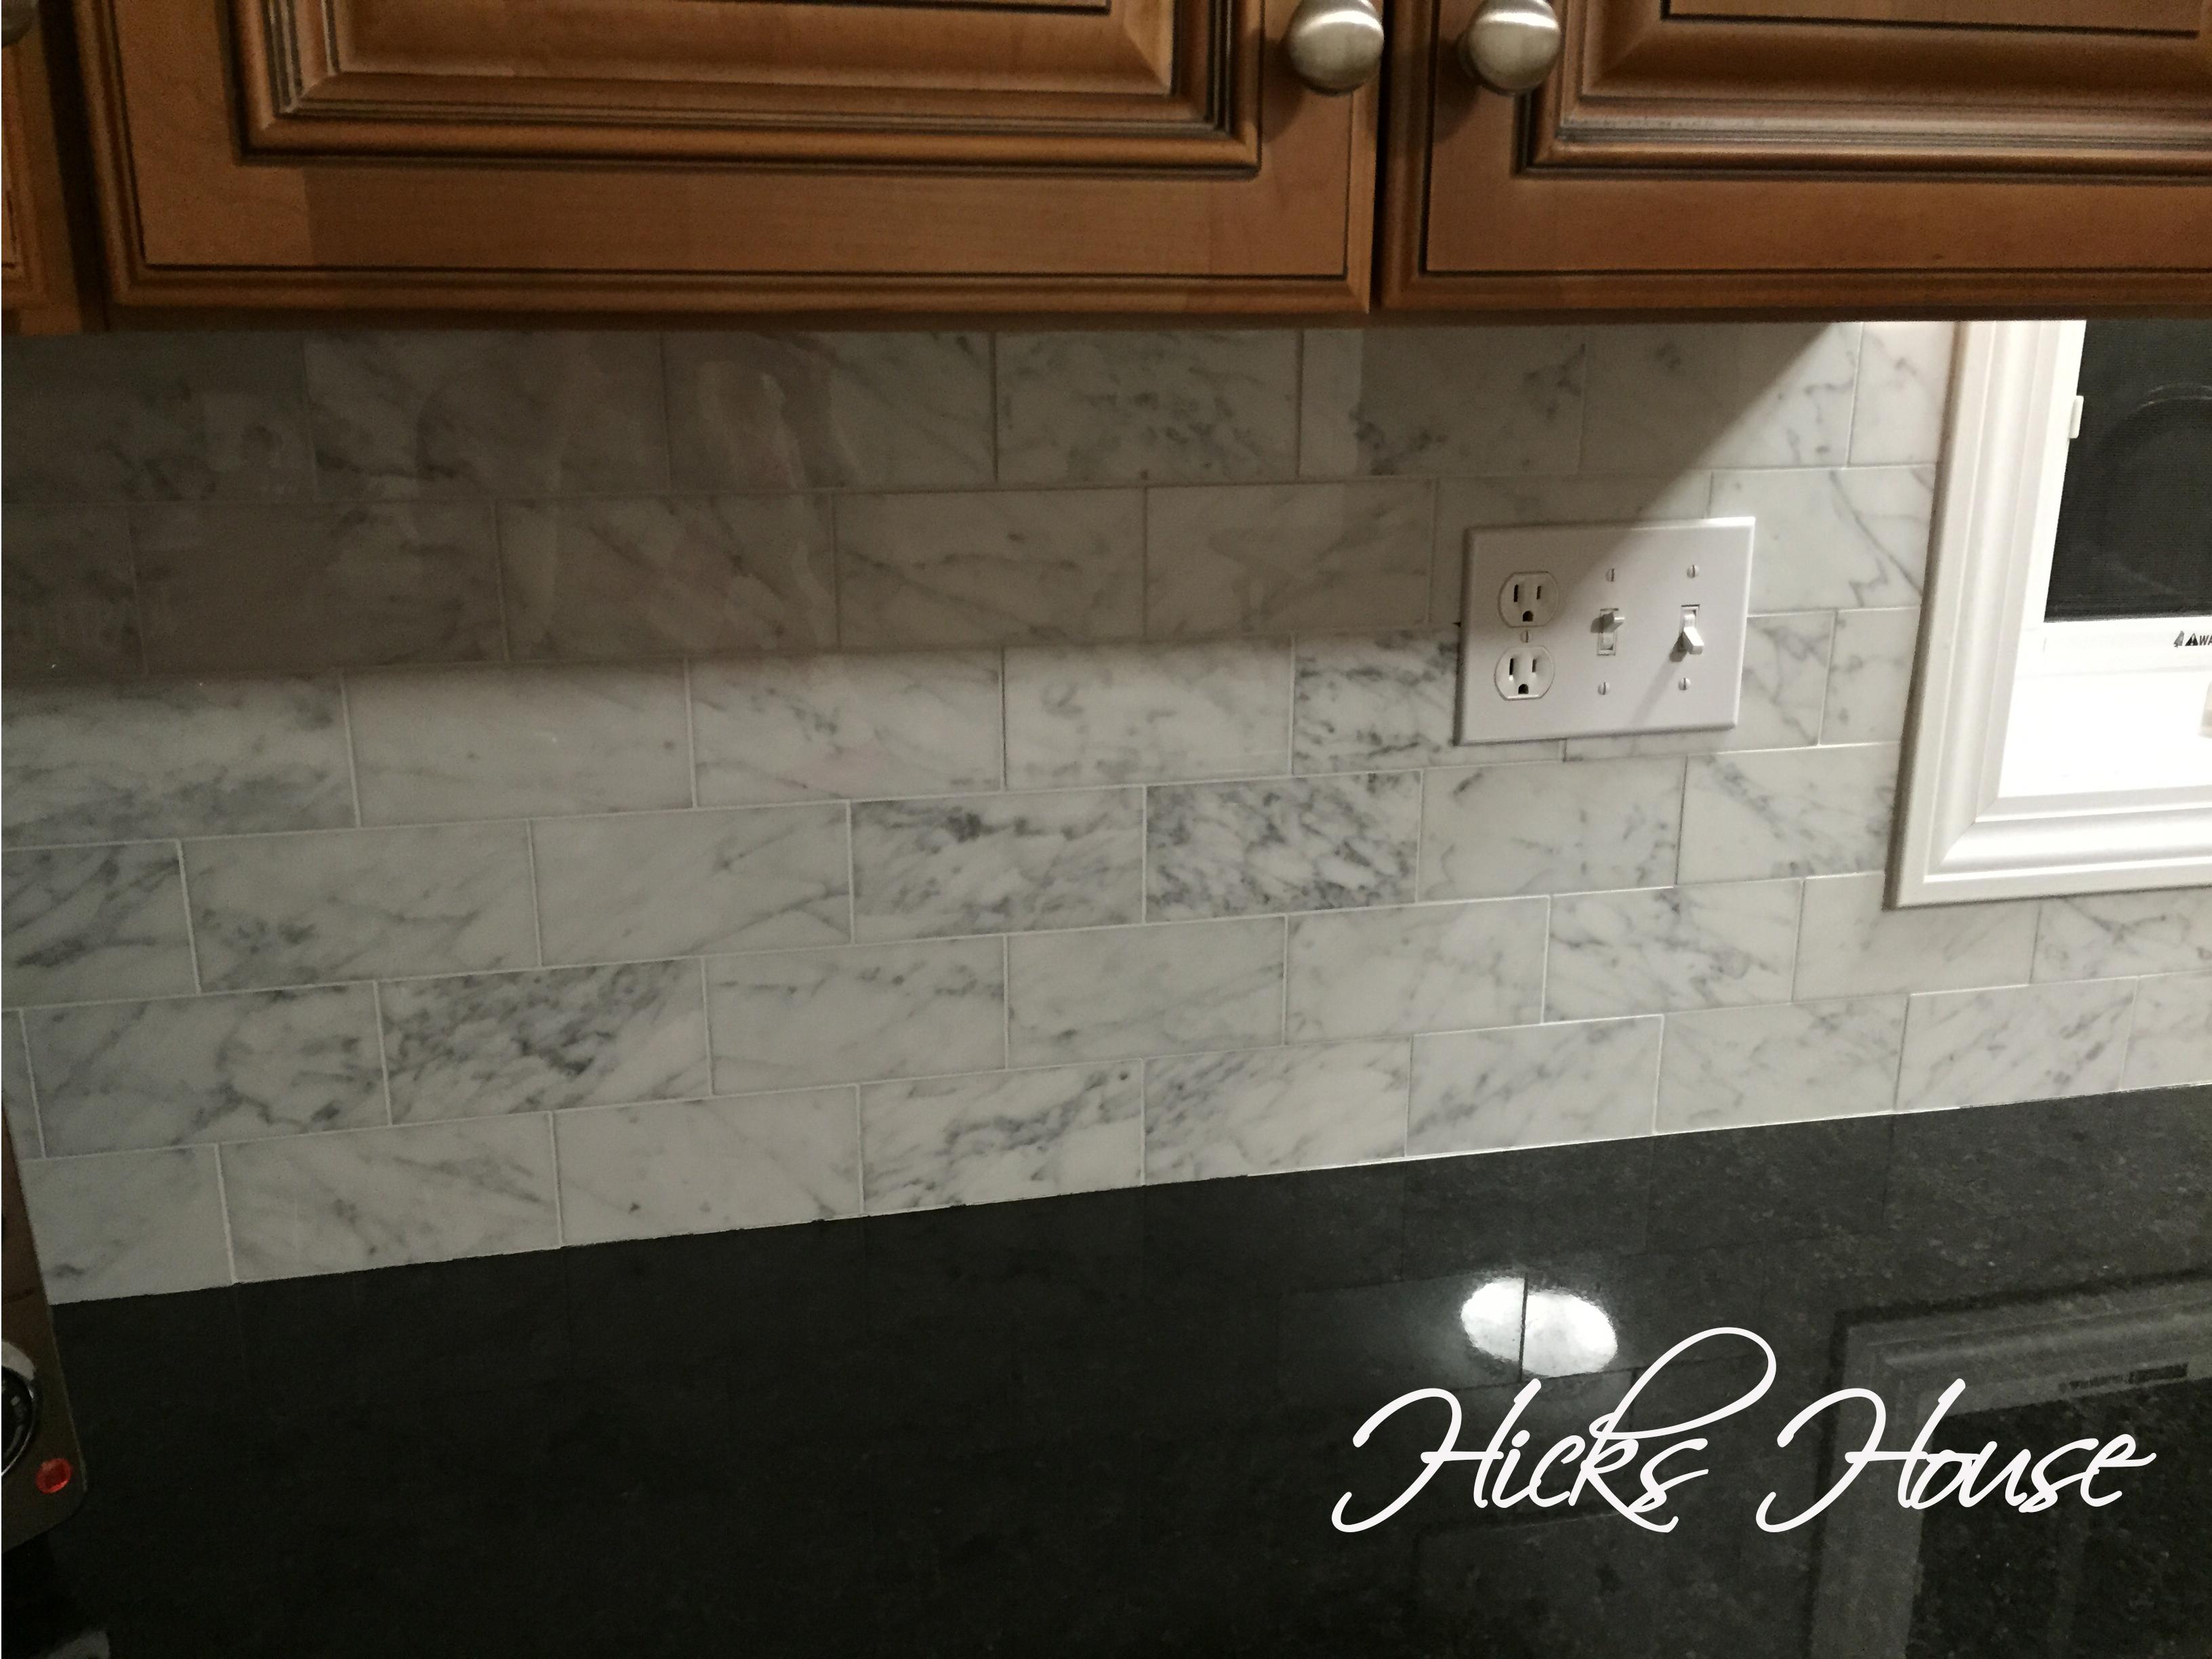 carrara marble backsplash hicks house